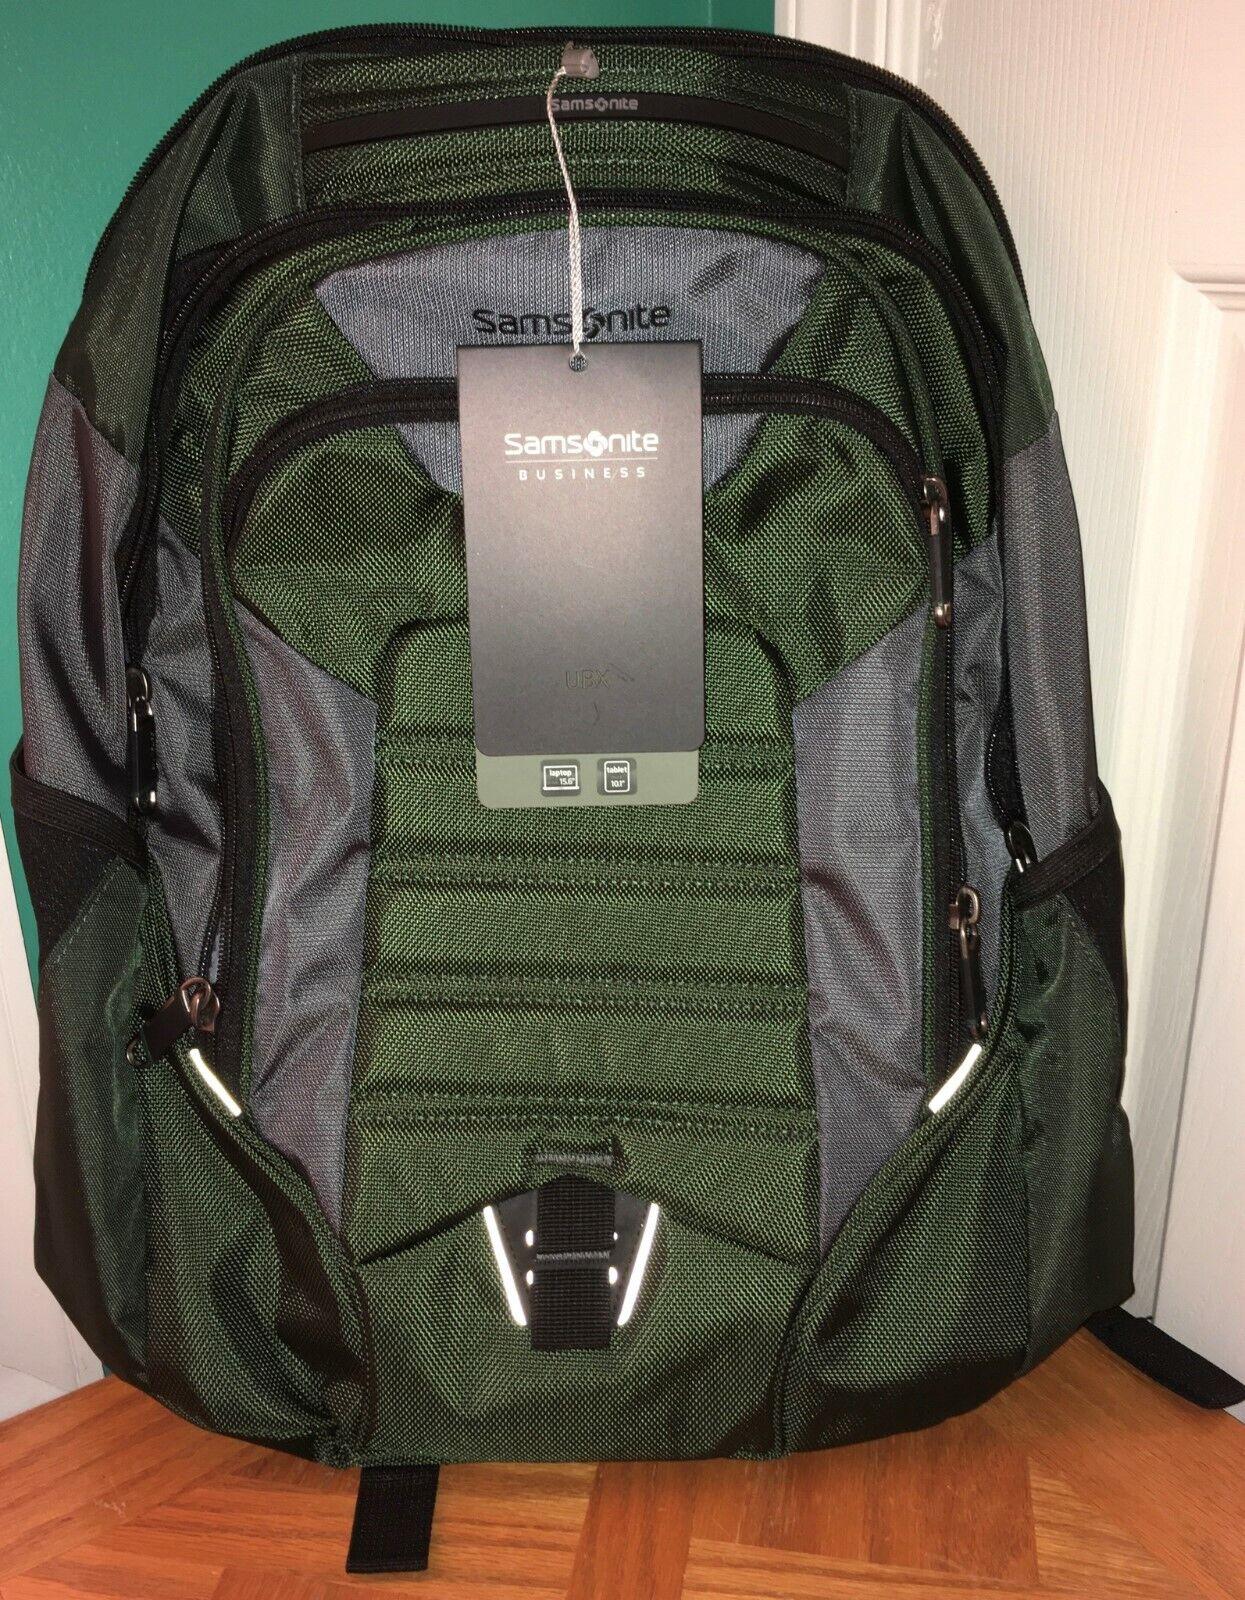 Samsonite UBX 18.0 X 13.5 X 8.5 Commuter Backpack Dark Olive NWT - $55.00